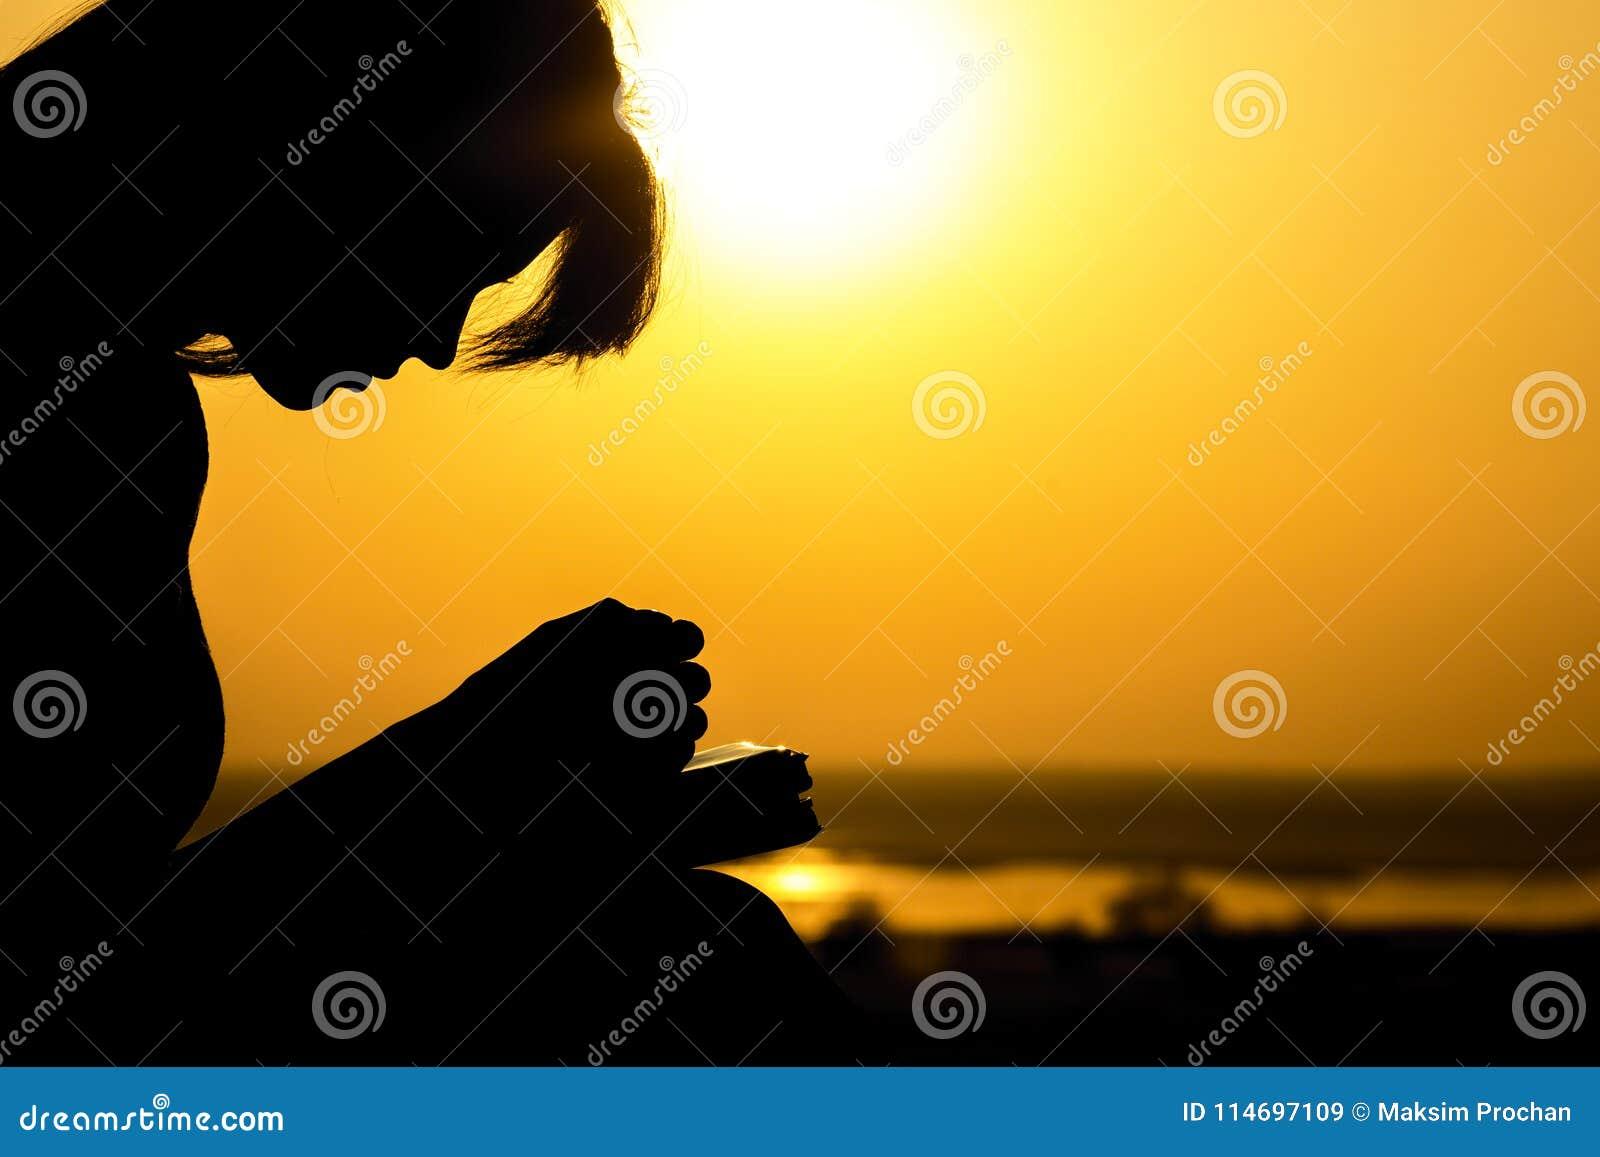 Silueta de las manos de la mujer que ruegan a dios en el witth de la naturaleza la biblia en la puesta del sol, el concepto de re